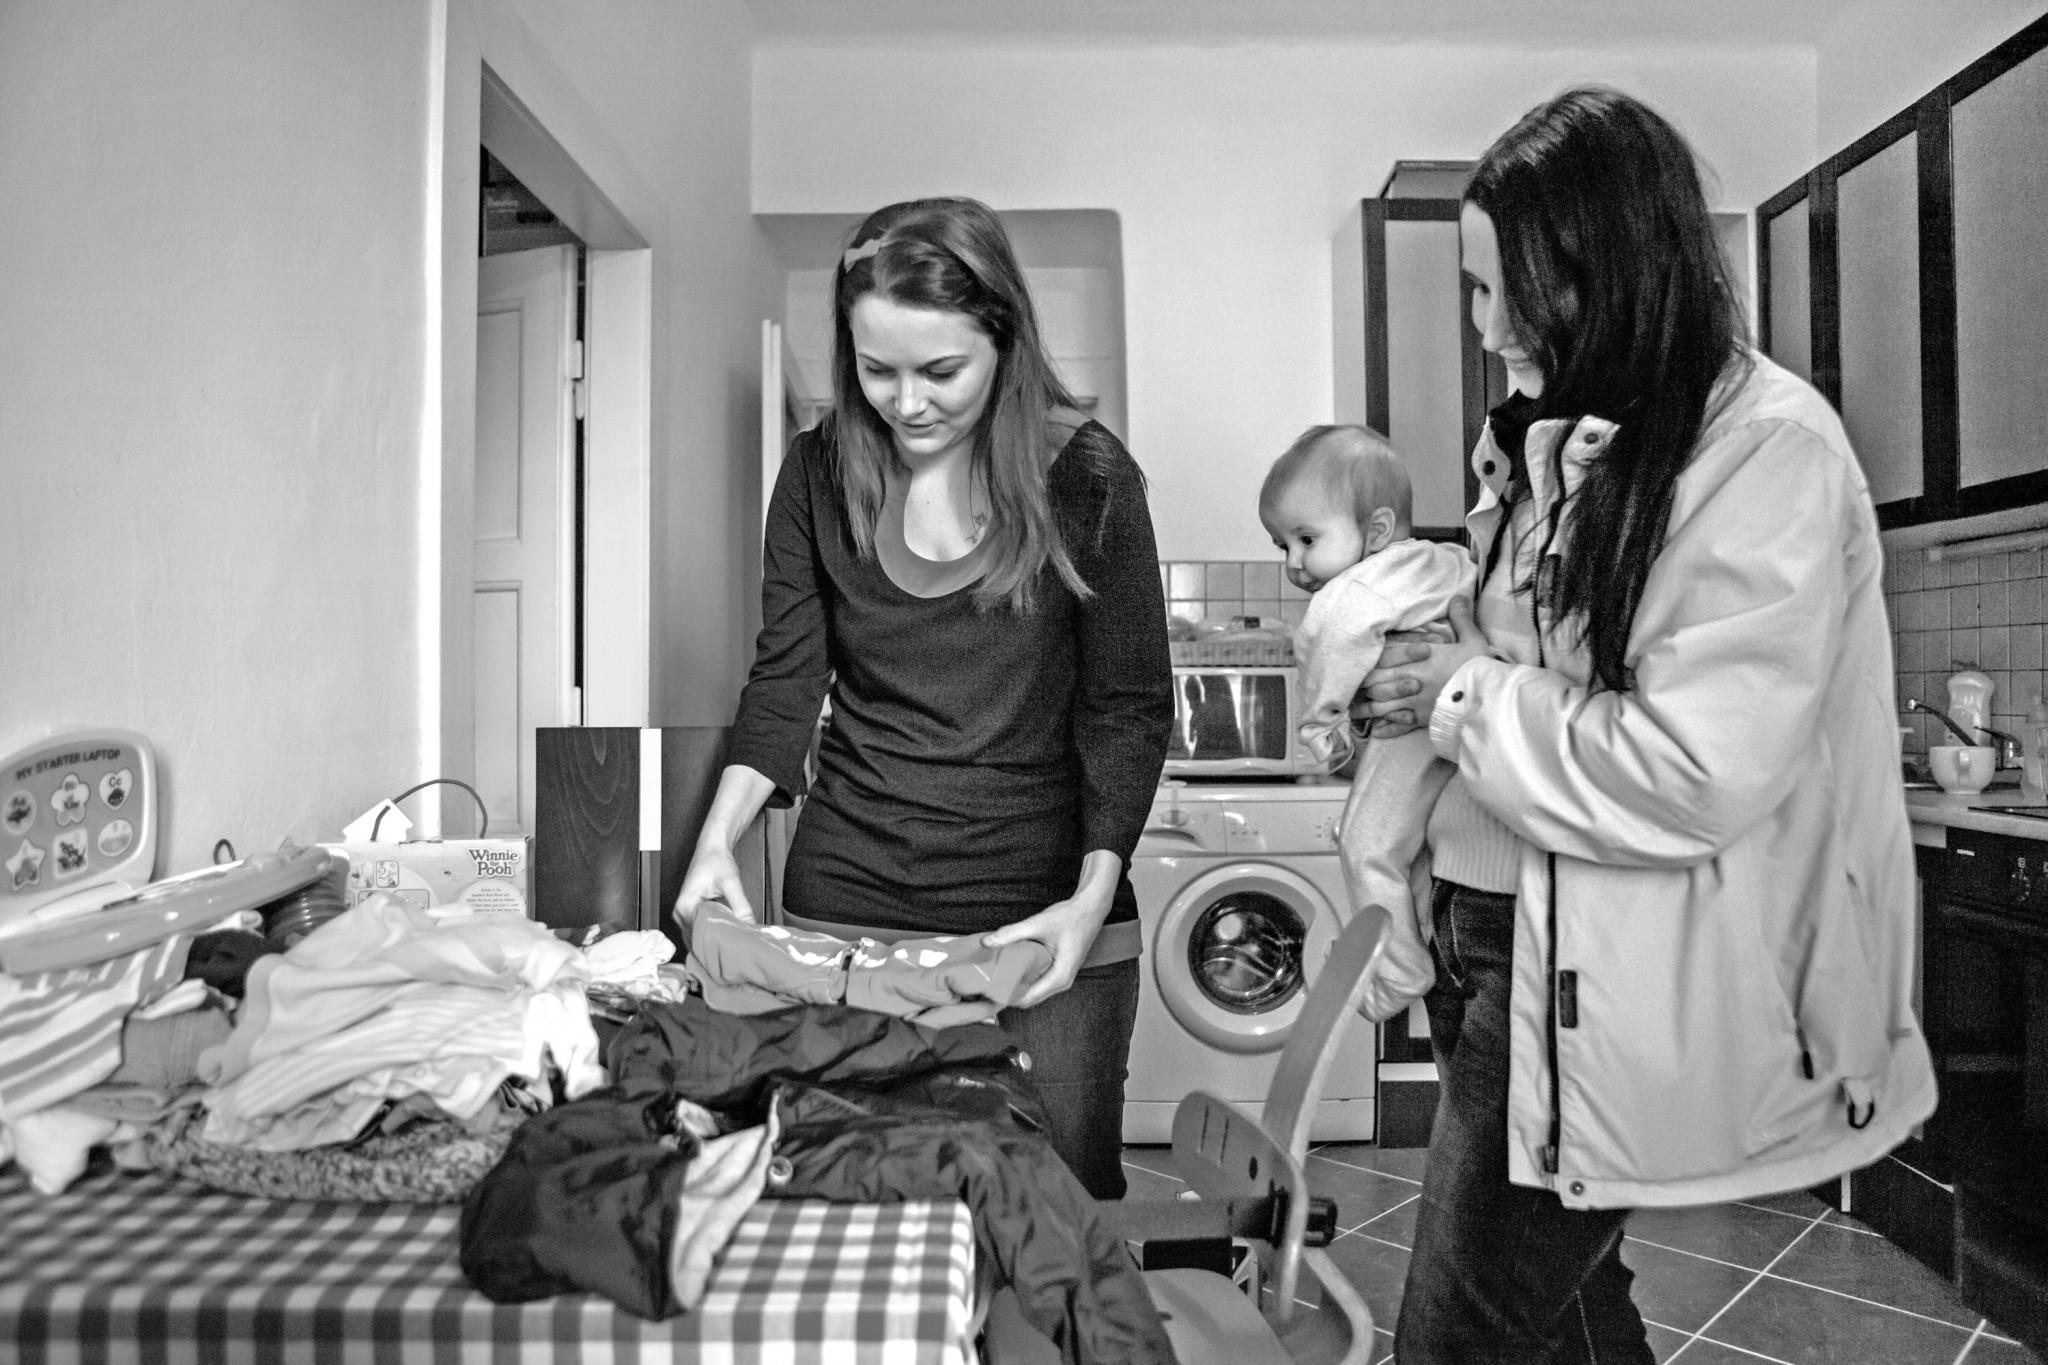 Výhodou propojení přes sociální síť je skutečnost, že si konkrétní člověk může vybrat konkrétní rodinu, které svou pomoc poskytne.